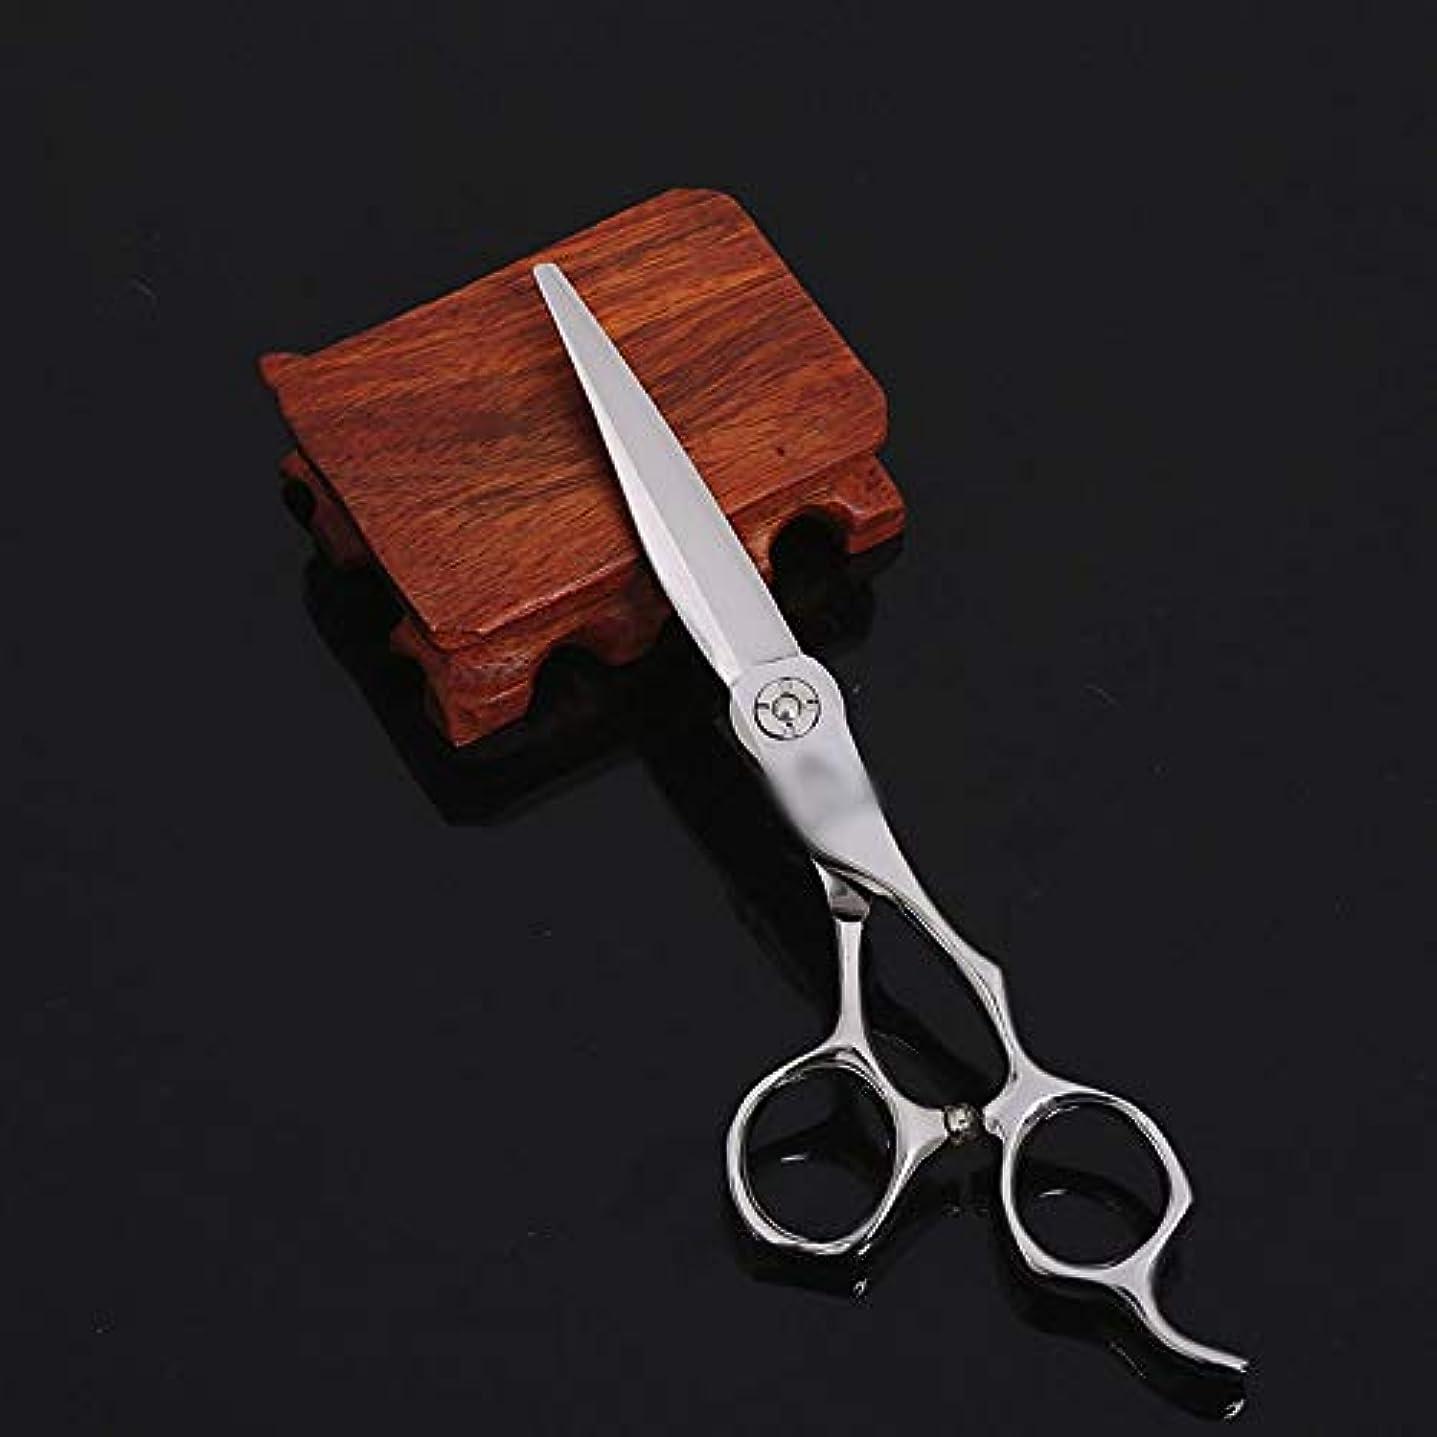 吐く飽和する系譜6インチヘアカット美容院プロフェッショナルフラットせん断 モデリングツール (色 : Silver)